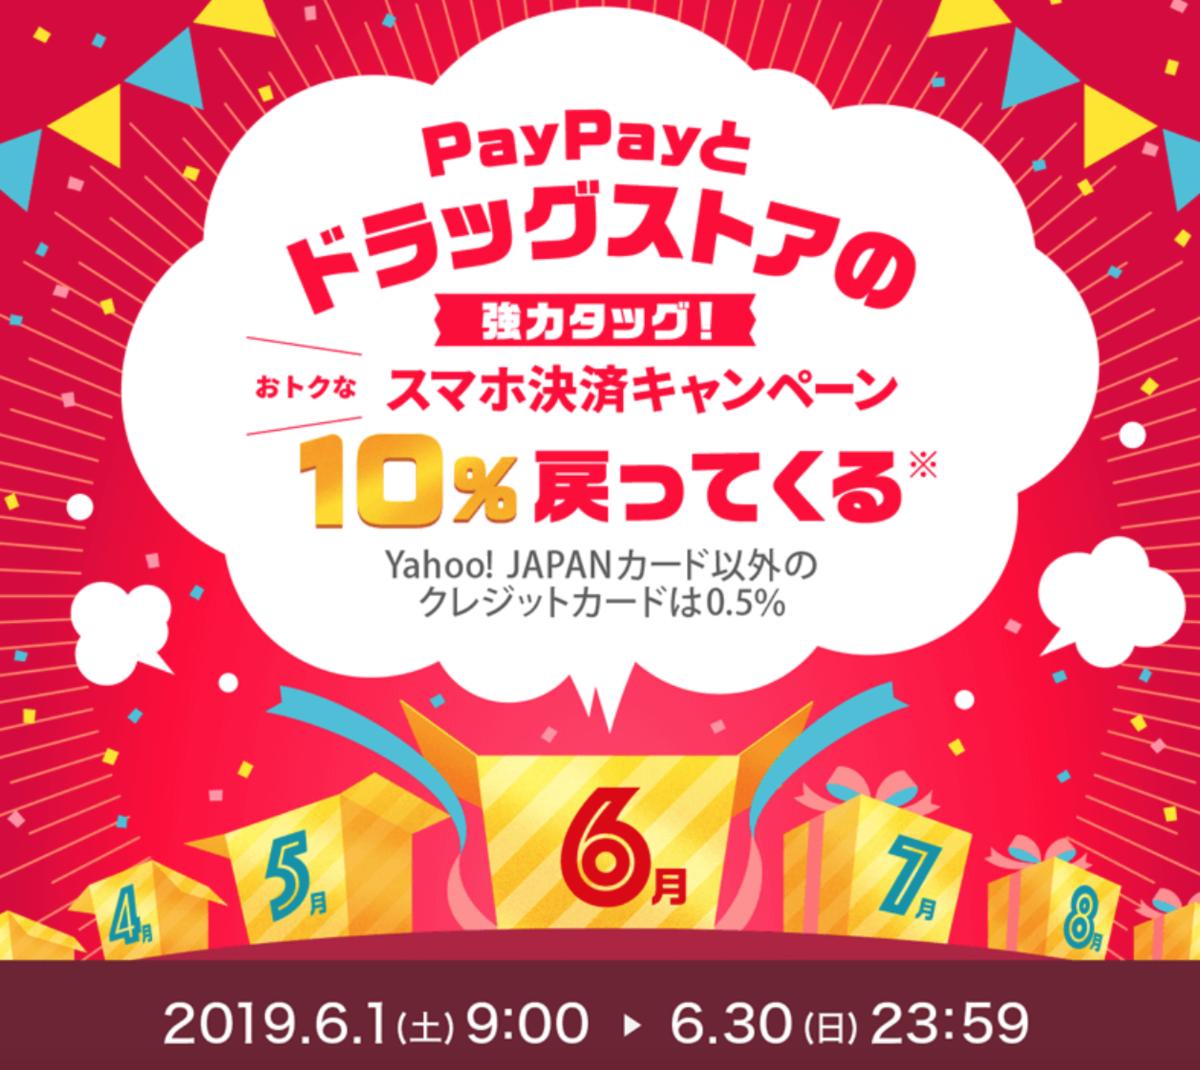 f:id:tanakayuuki0104:20190527053452p:plain